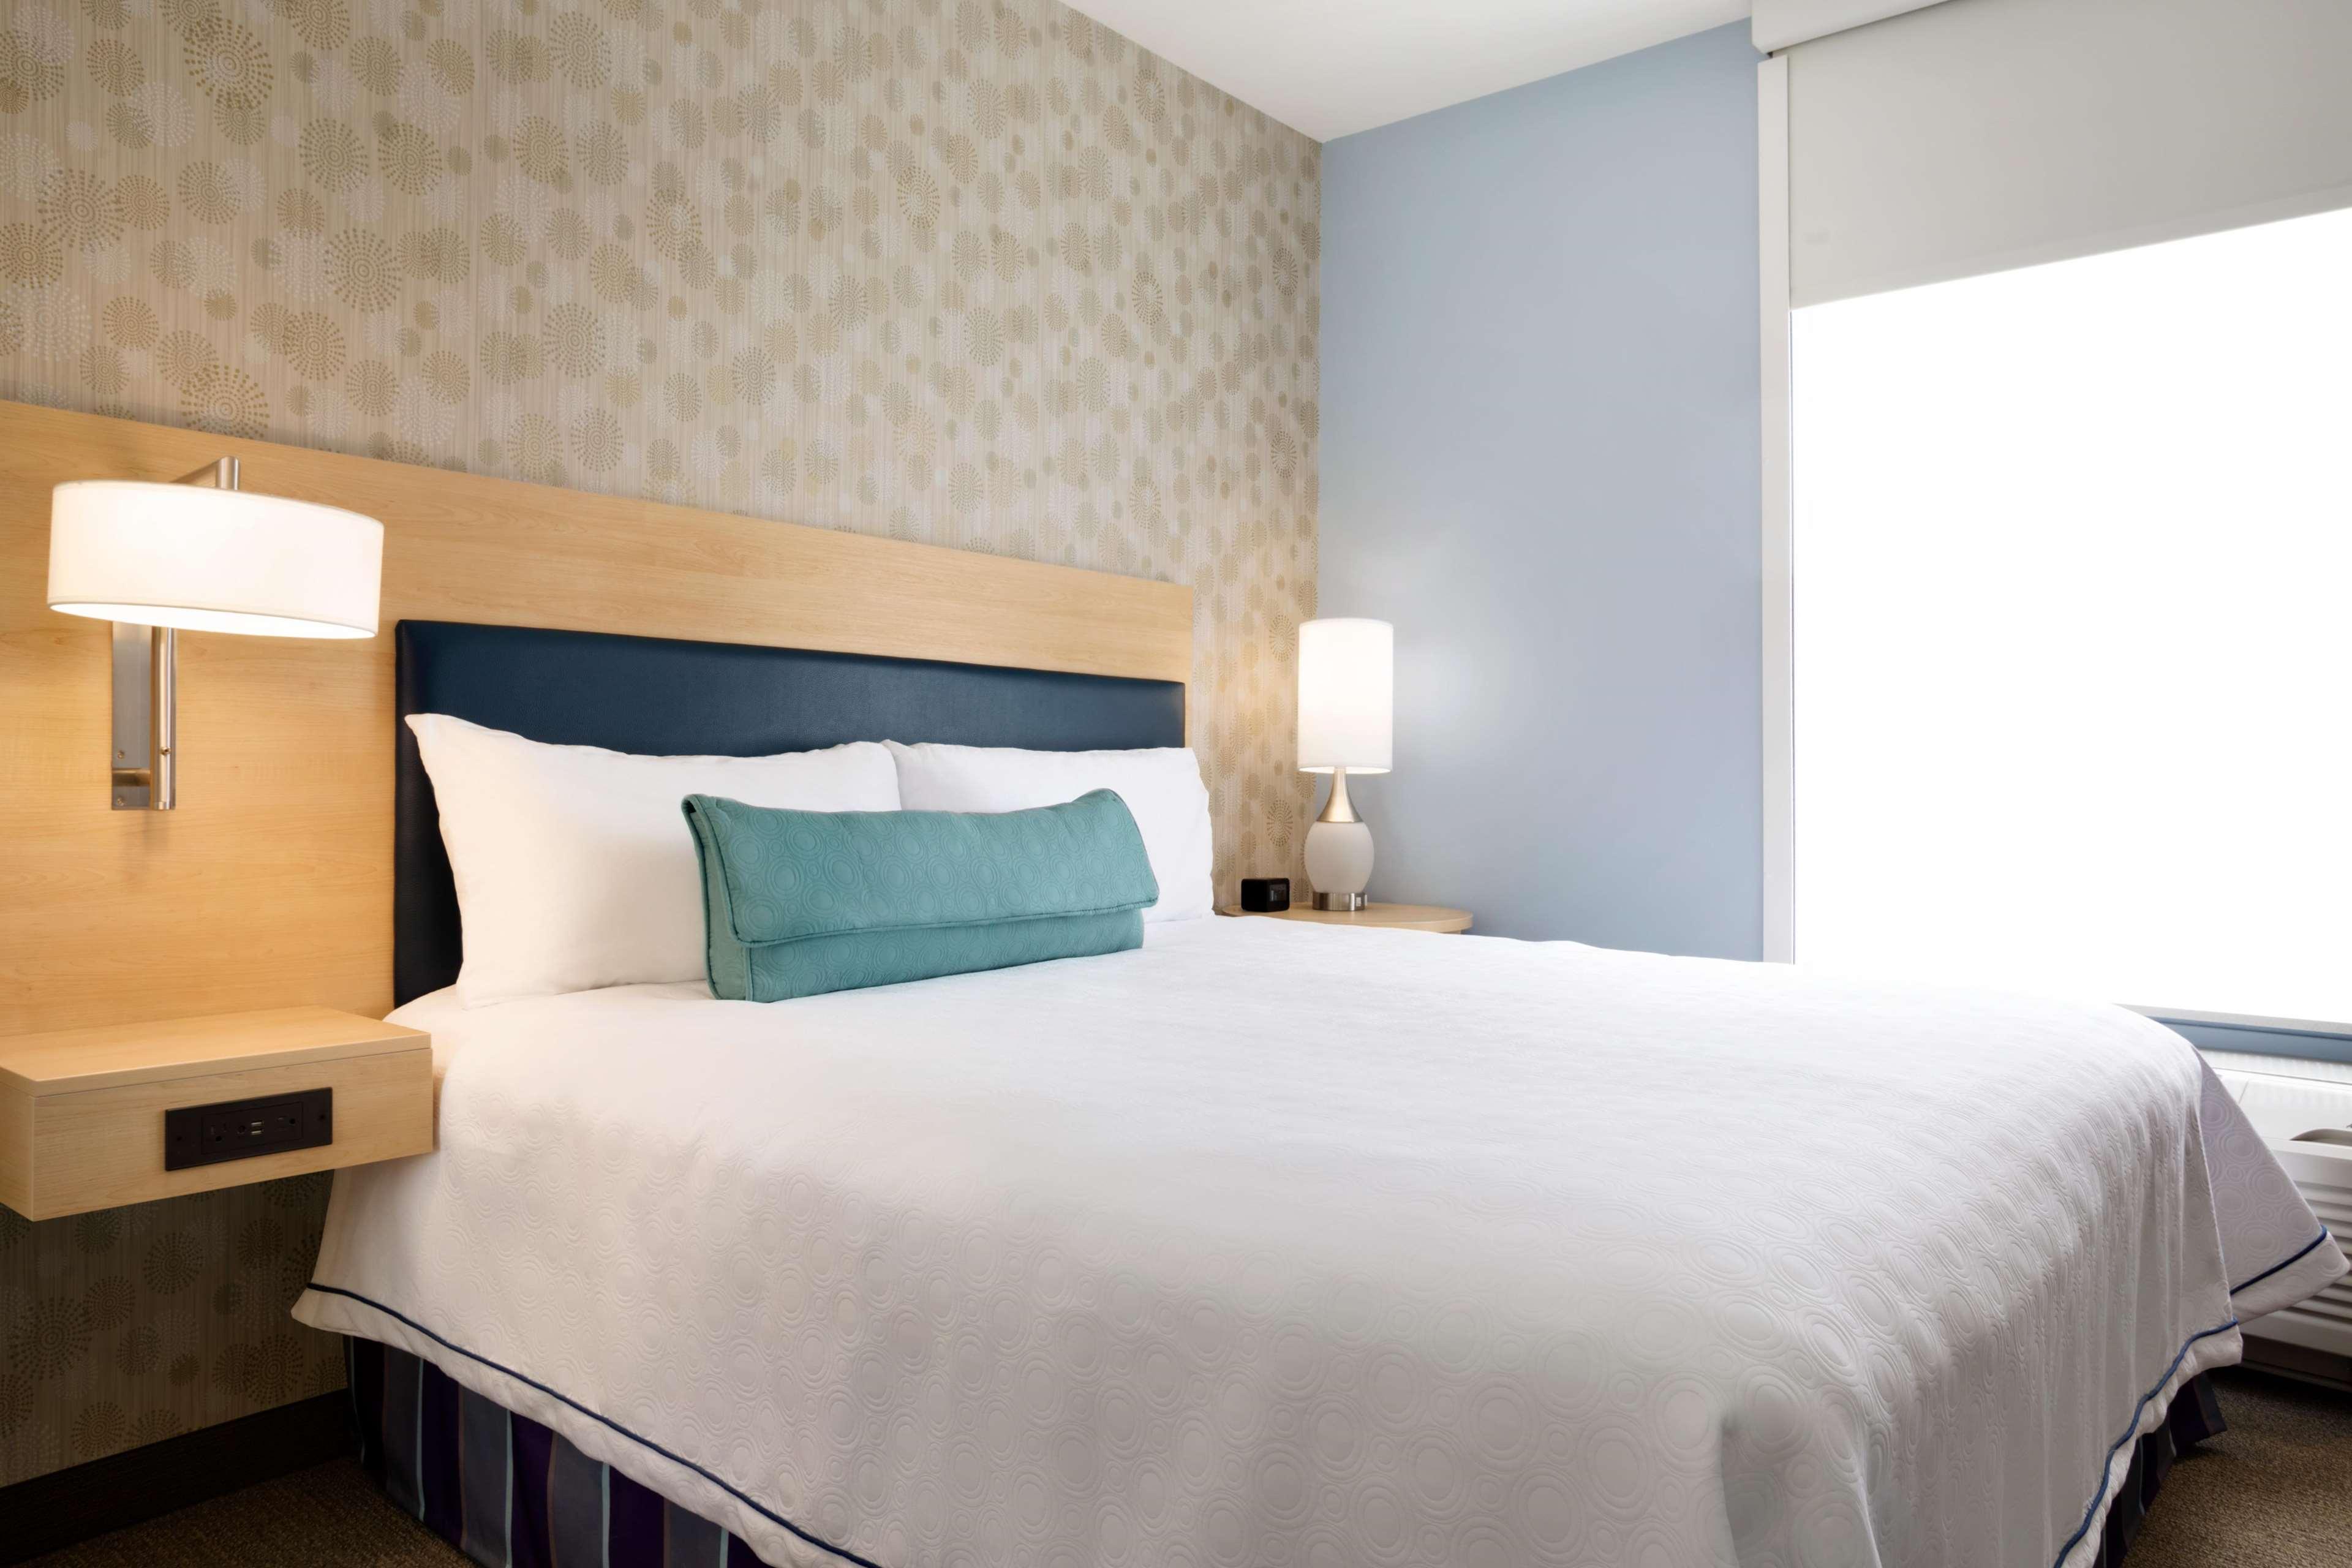 Home2 Suites by Hilton McAllen image 16